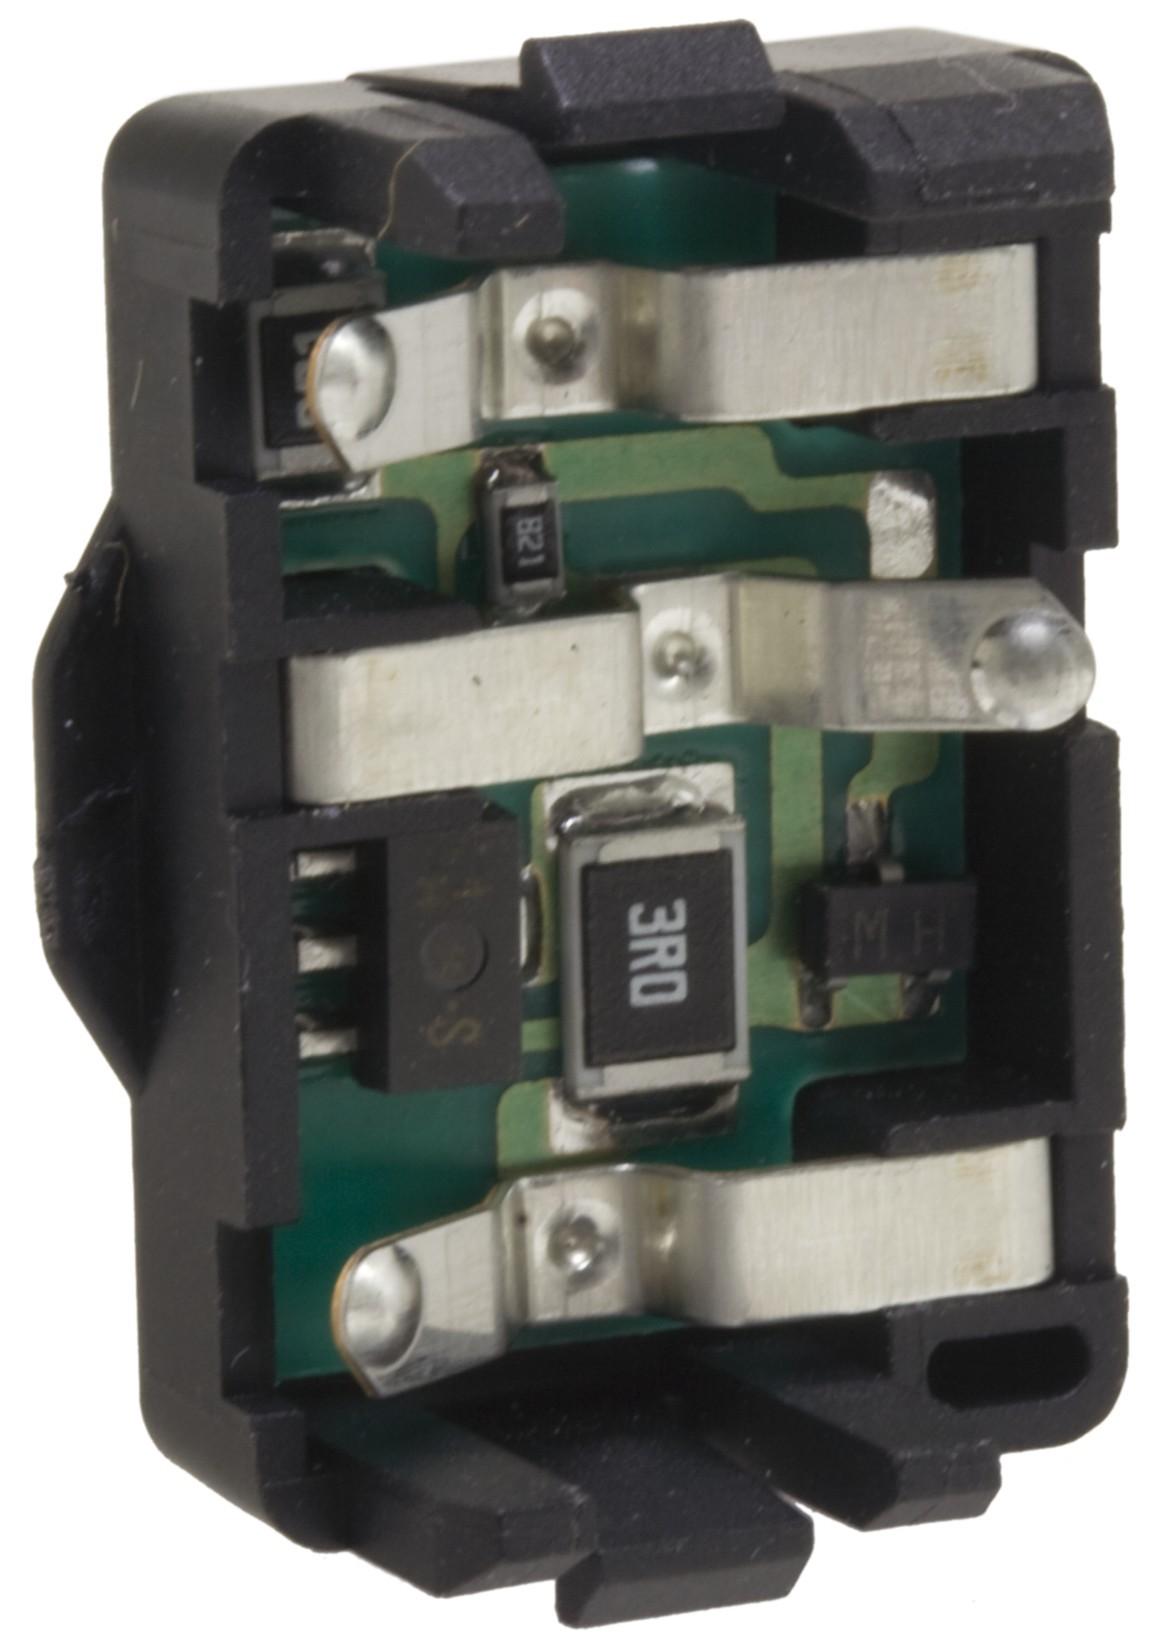 WELLS - Instrument Panel Cluster Relay - WEL 20485